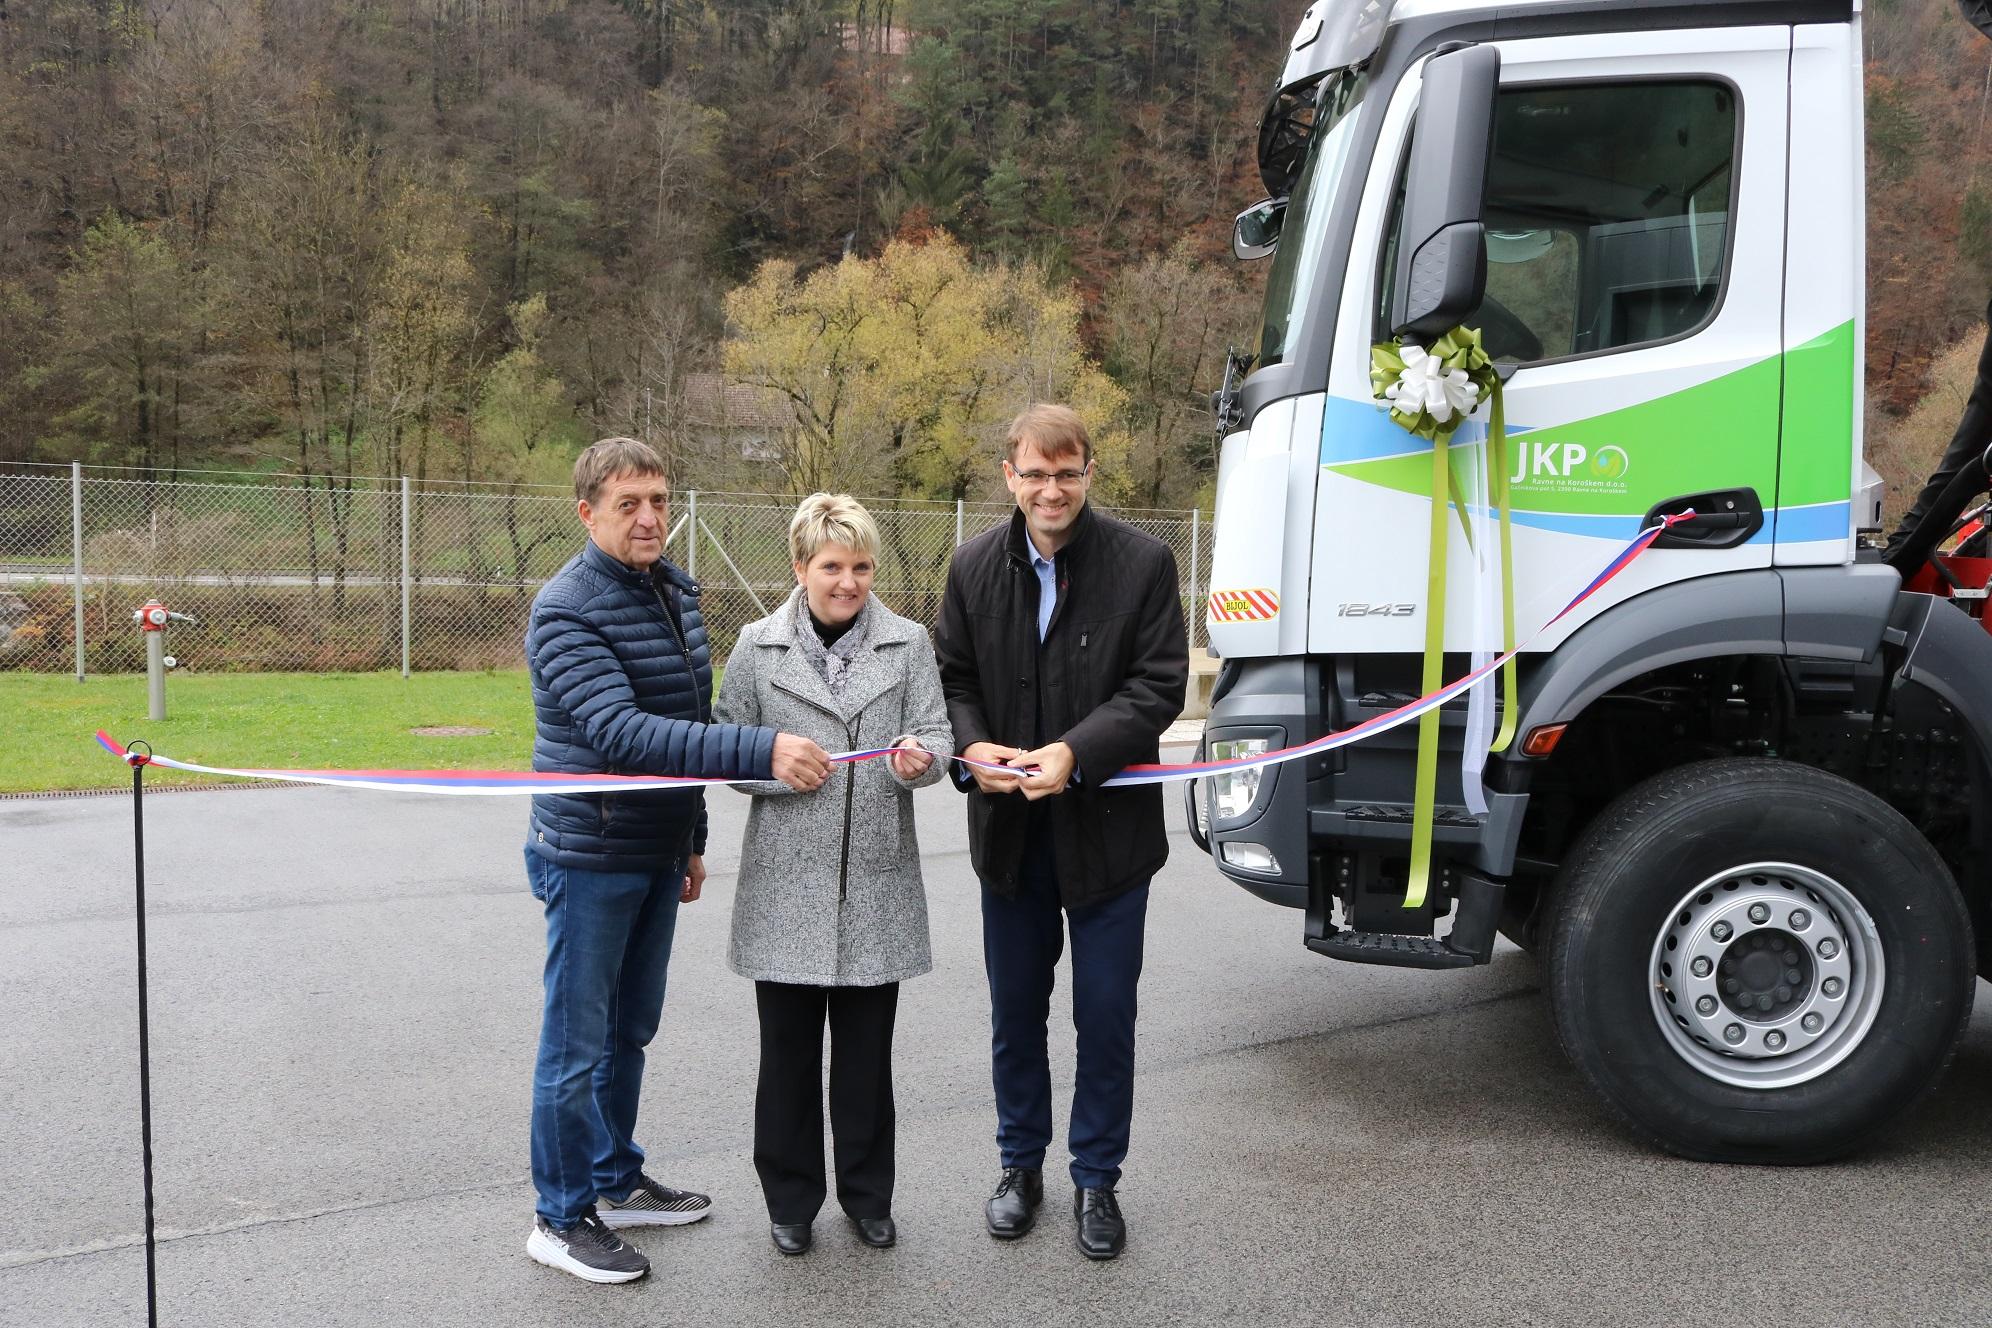 Direktorica Andreja Jehart, župan Tomaž Rožen in predsednik nadzornega sveta Roman Krivograd režejo sloestni trak ob predaji novega tovornega vozila